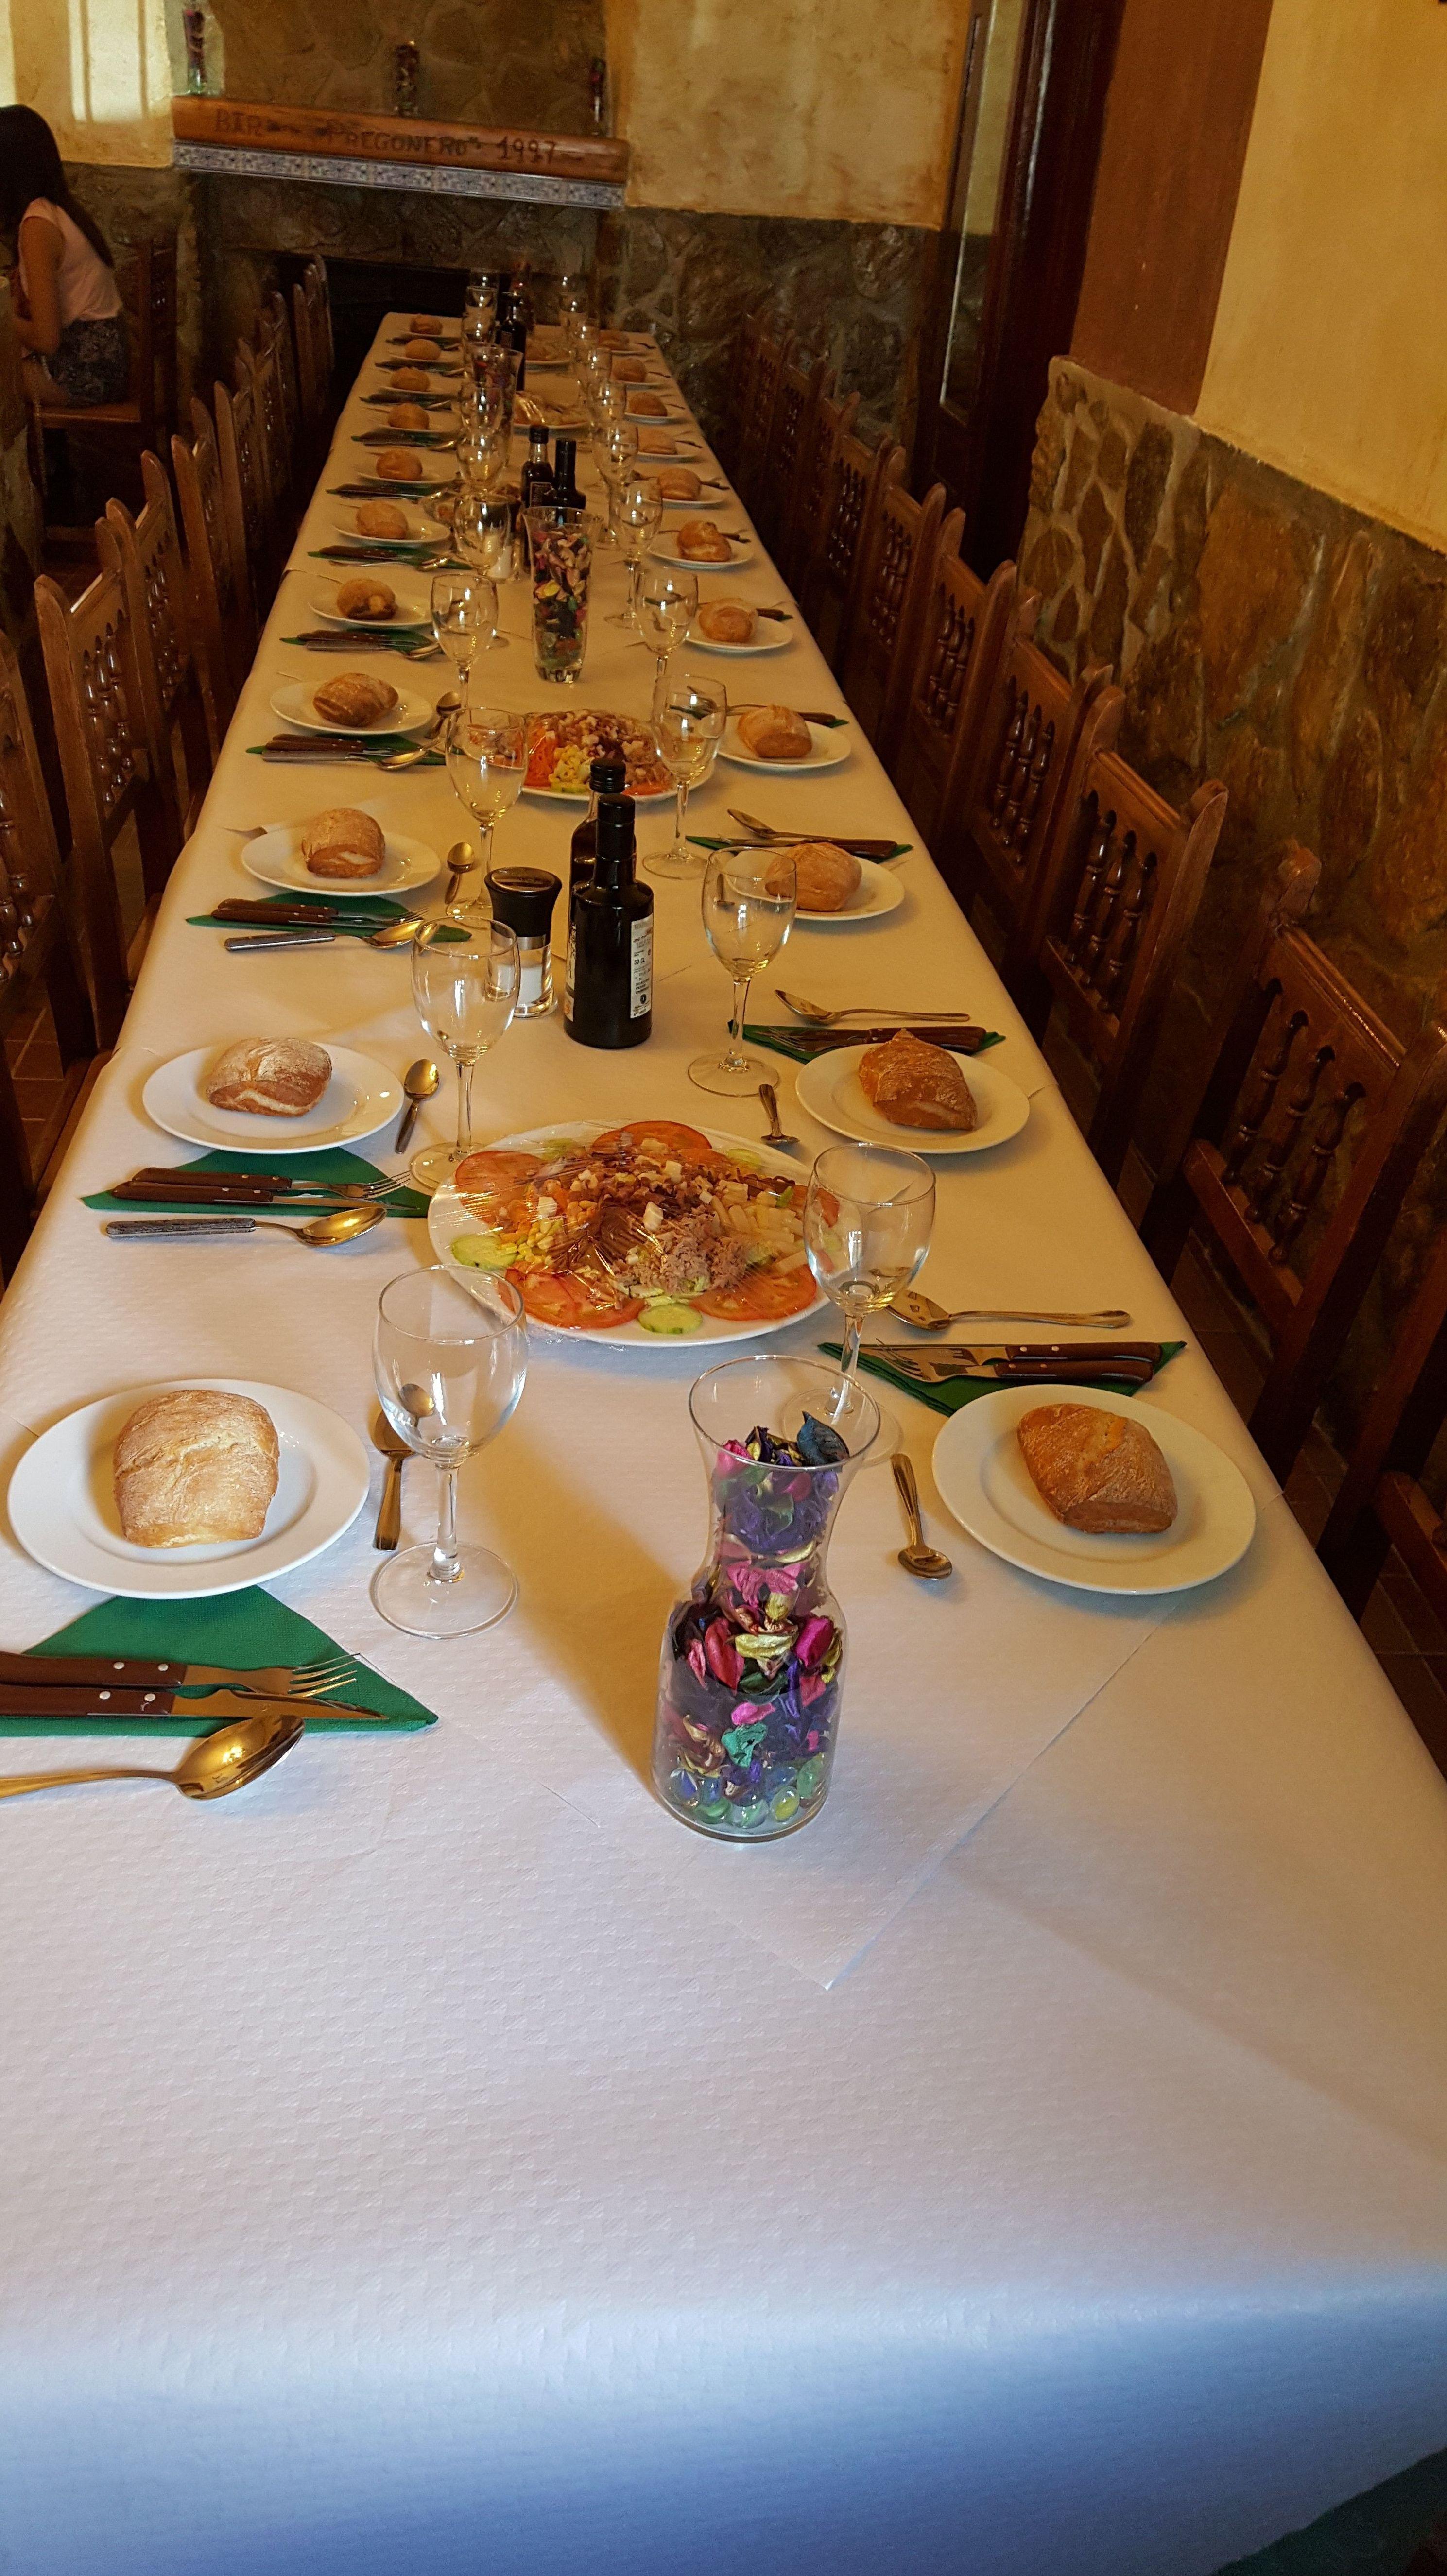 Comidas y cenas de grupo